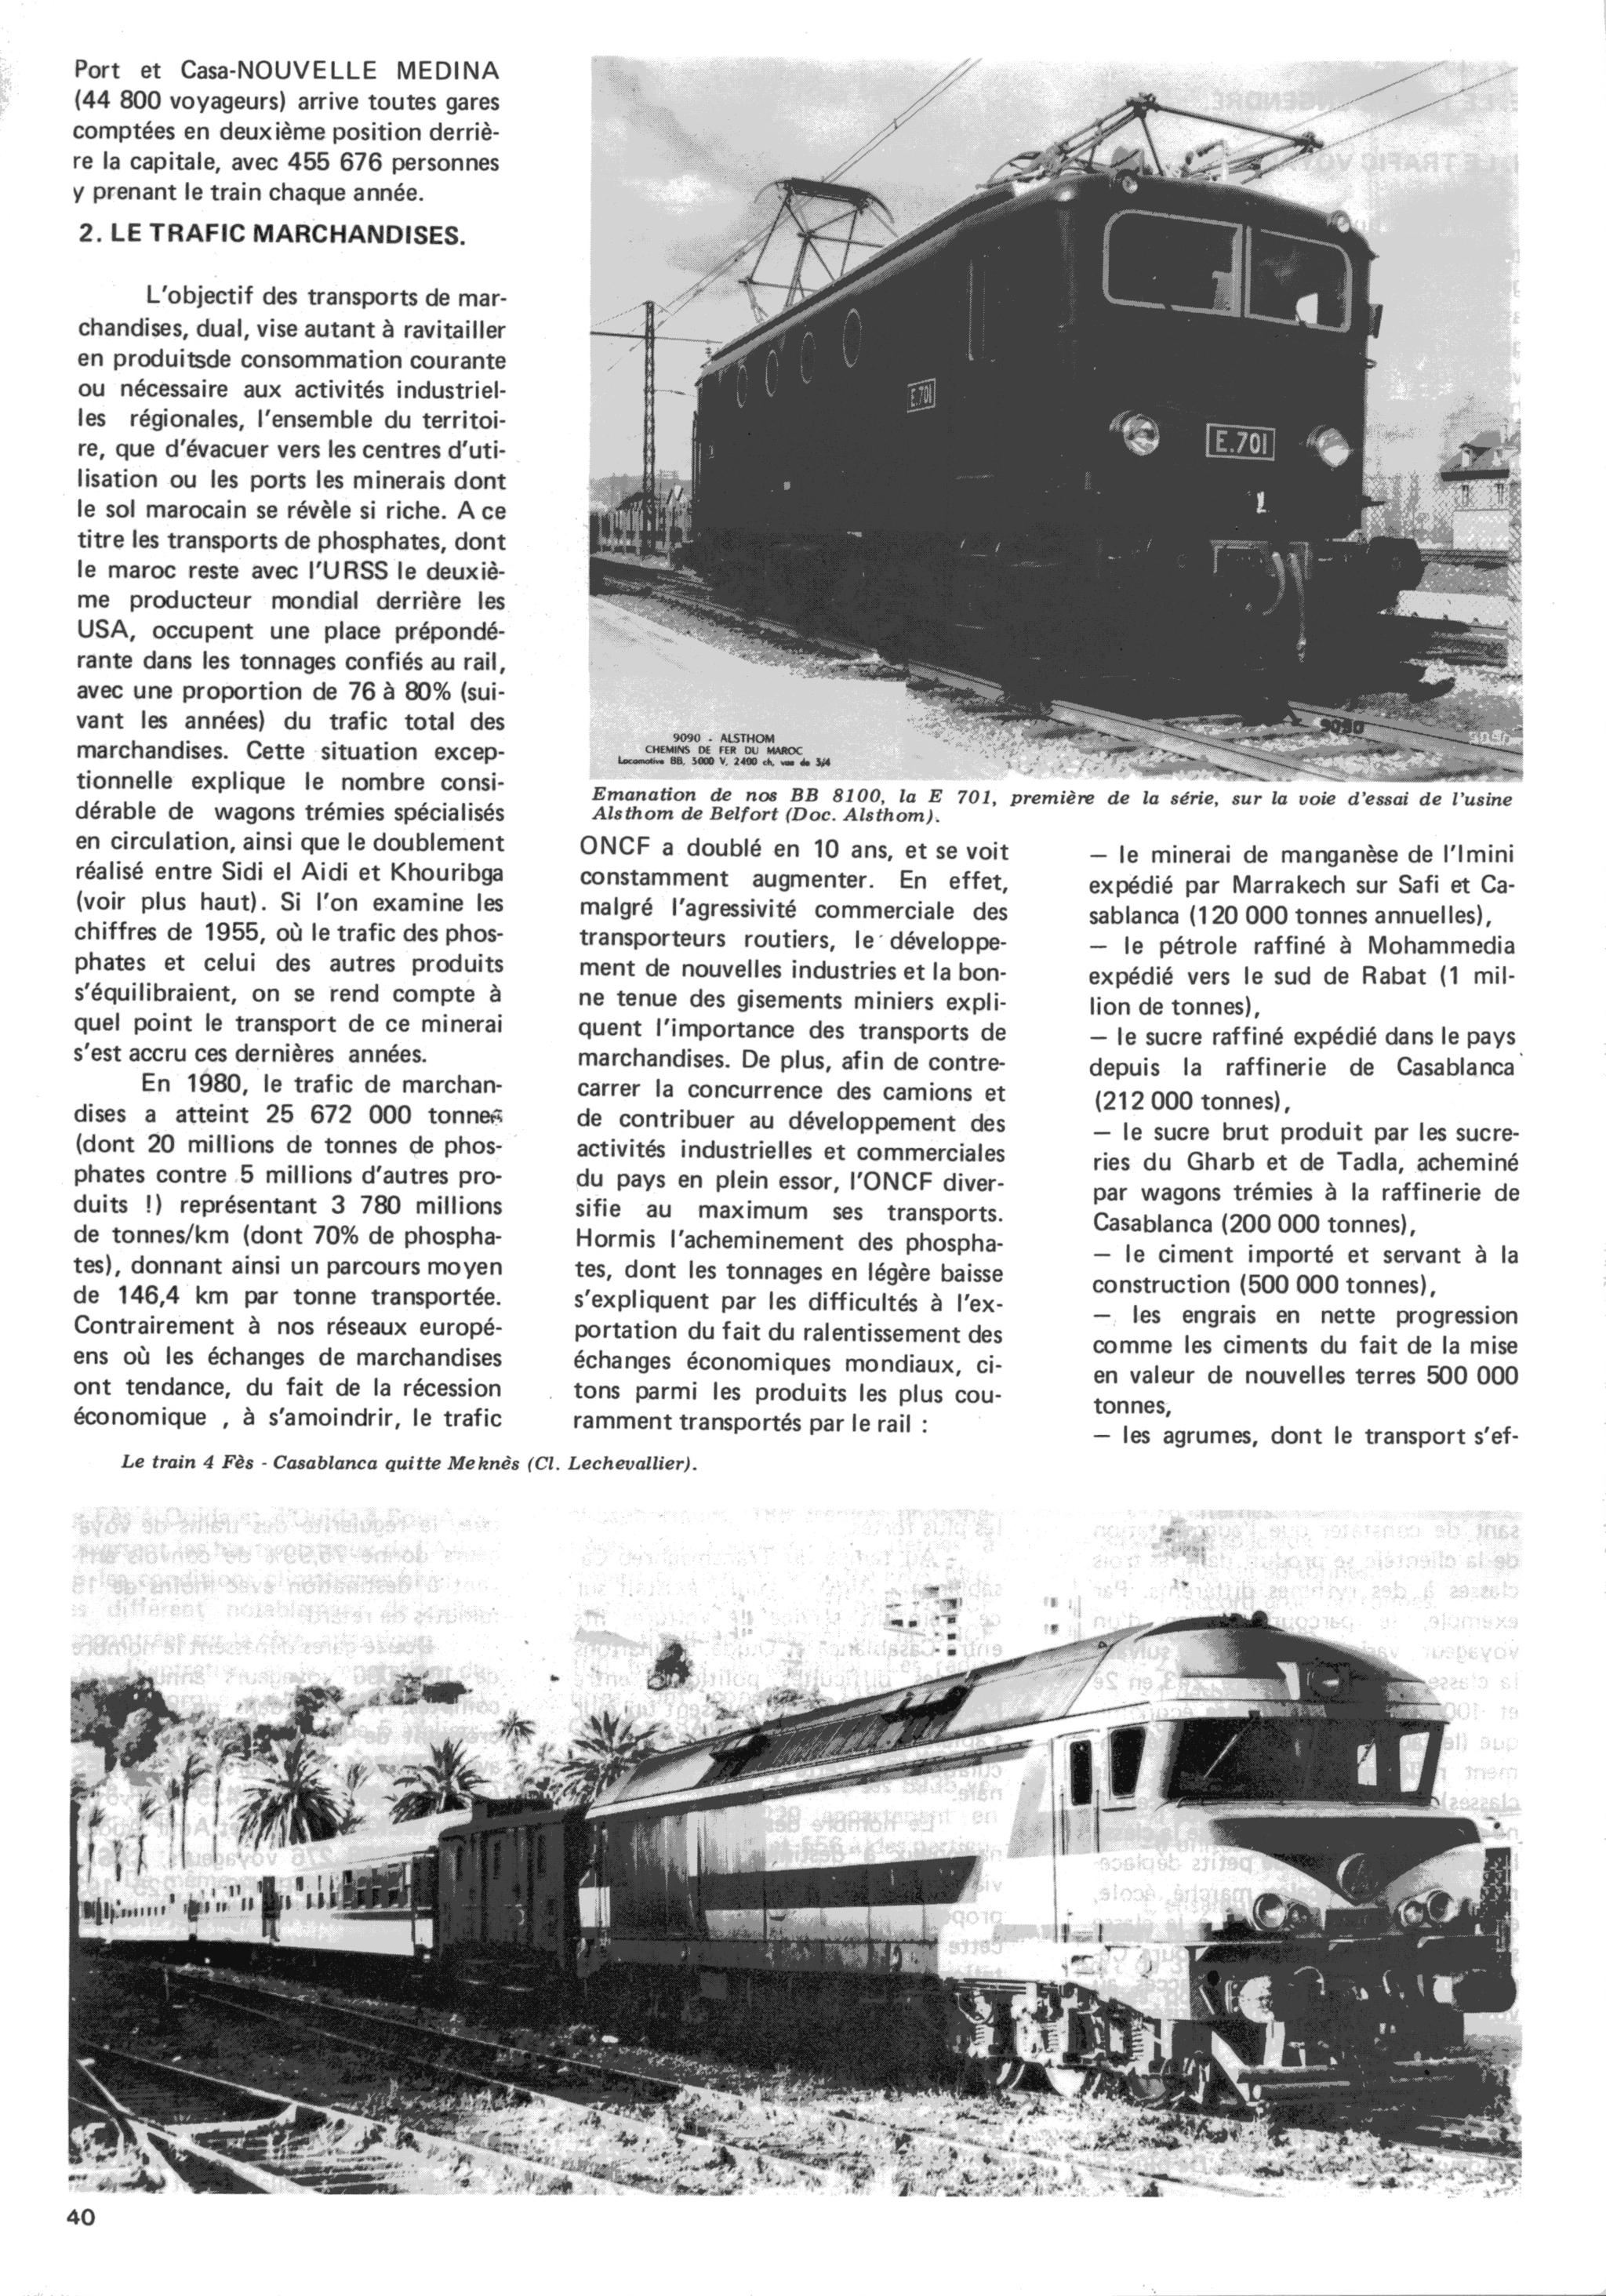 Chemins de Fer au Maroc - ONCF  - Page 4 49737028047_c36355b434_o_d